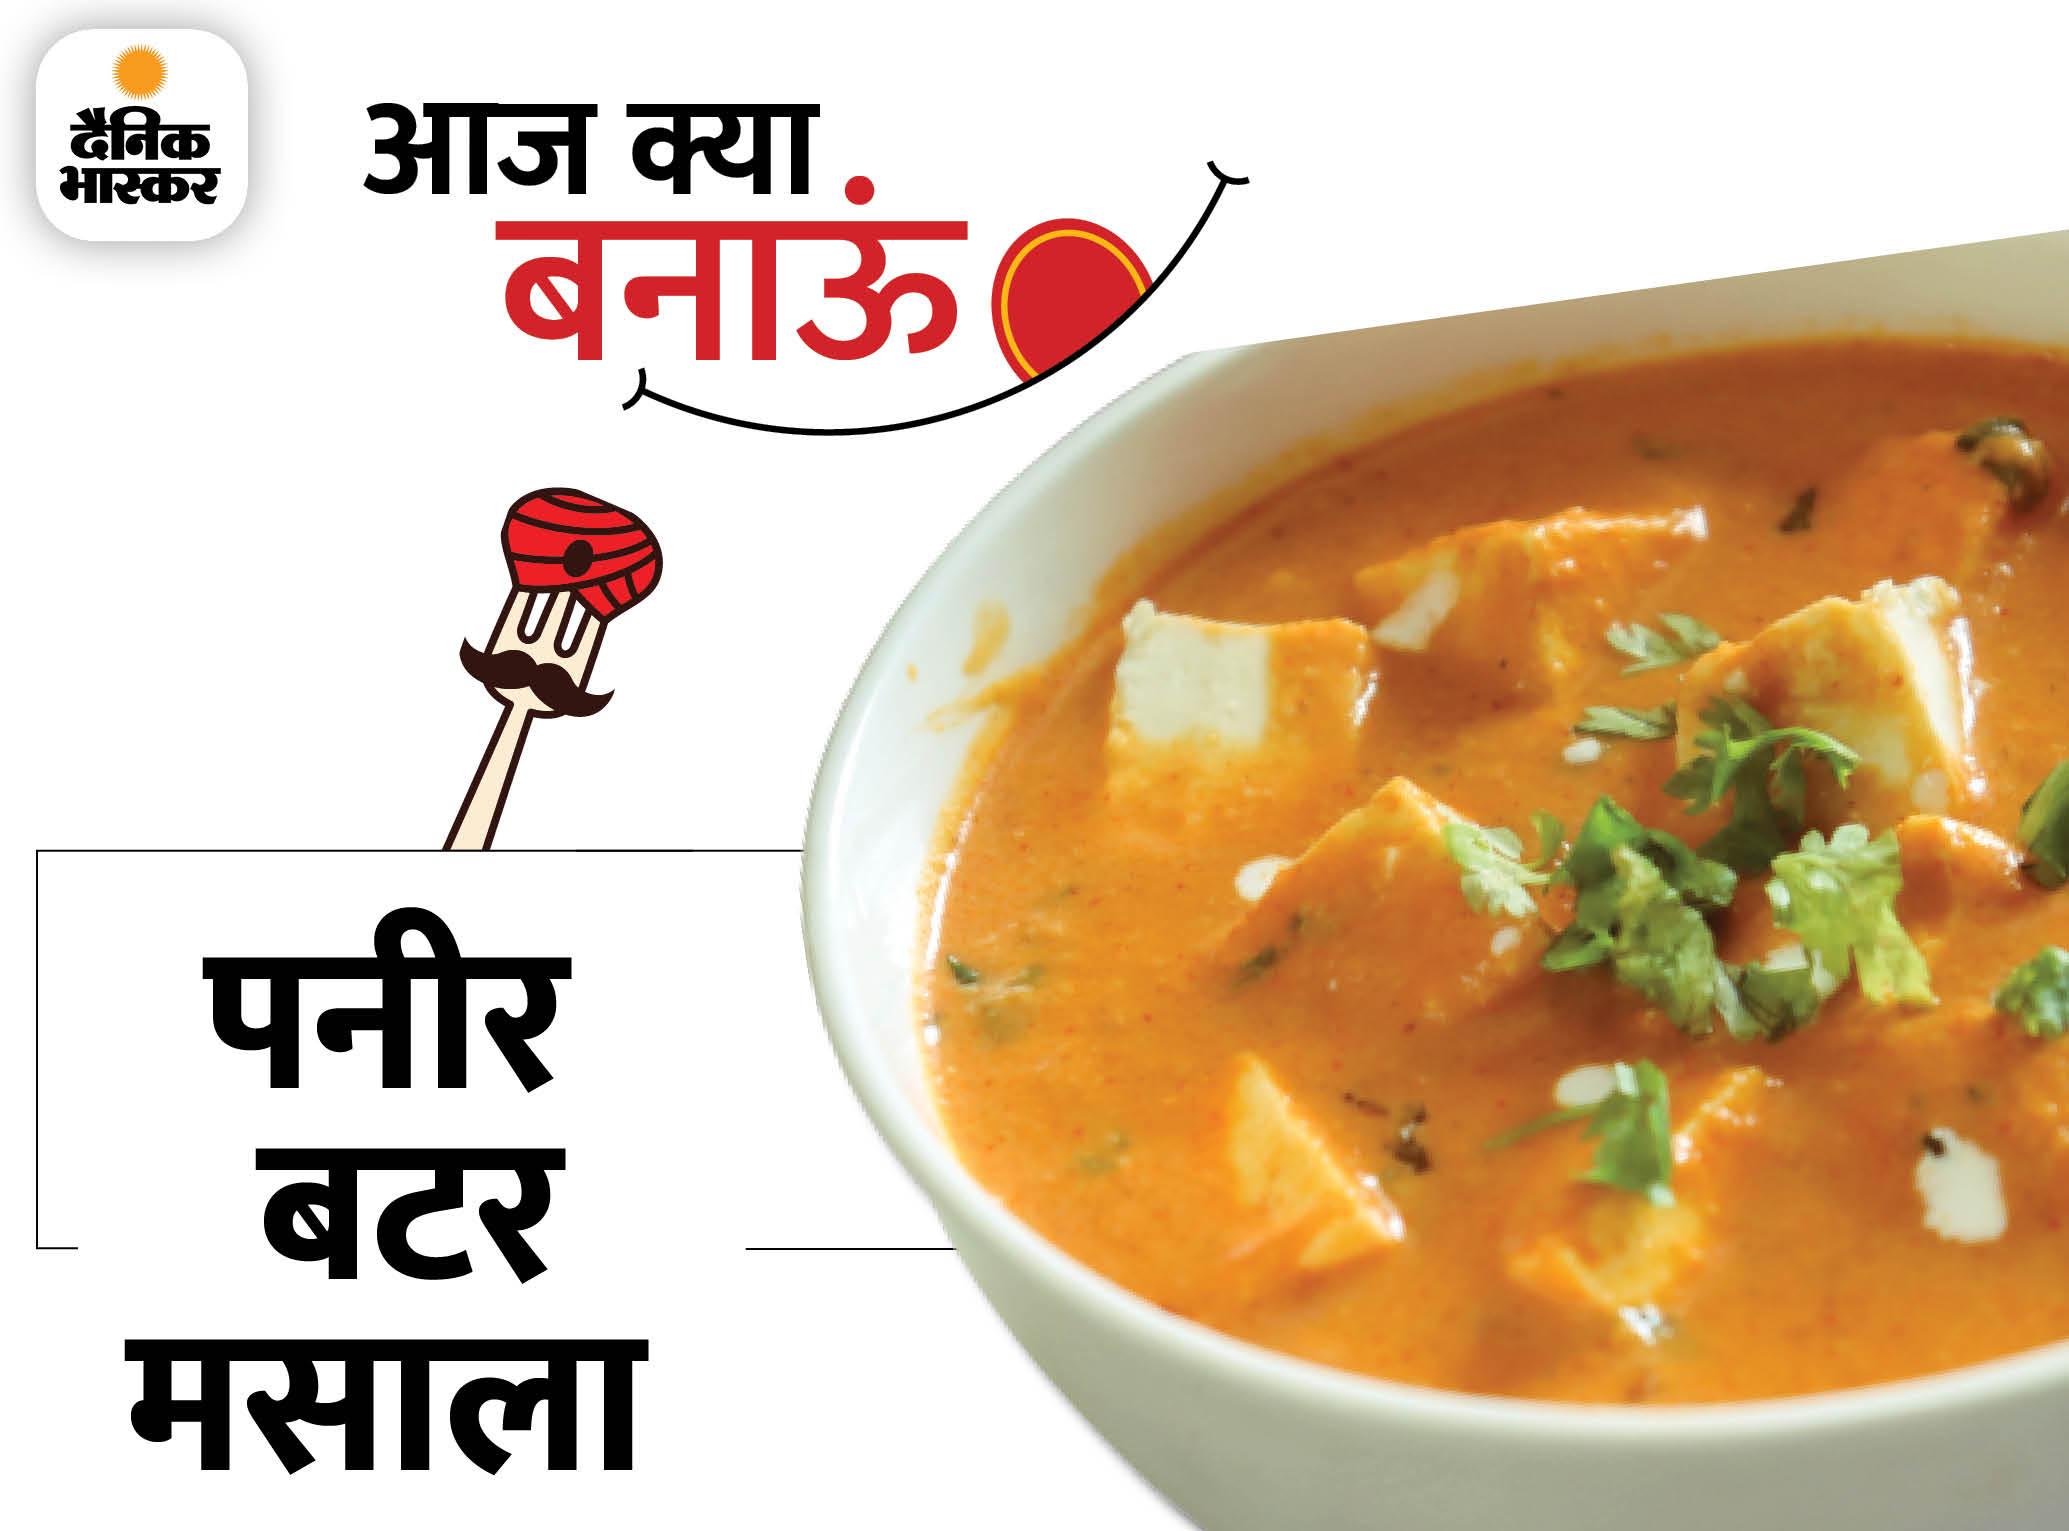 कुछ स्पेशल बनाने का मन हो तो पनीर बटर मसाला ट्राय करें, इसका लाजवाब स्वाद घर में सबको पसंद आएगा लाइफस्टाइल,Lifestyle - Dainik Bhaskar